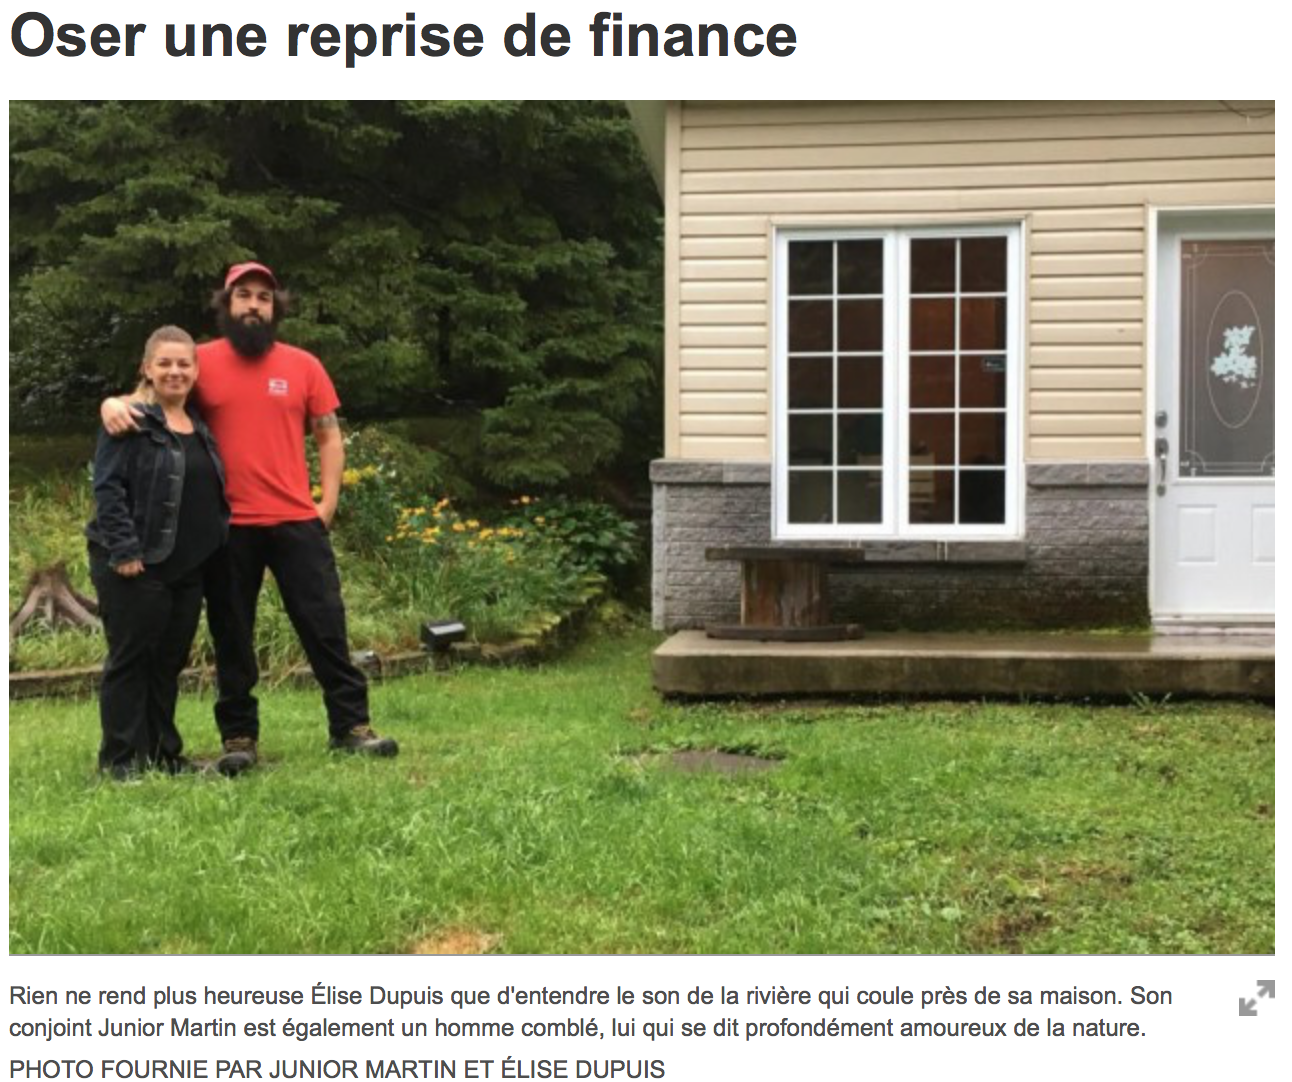 OSER UNE REPRISE DE FINANCE